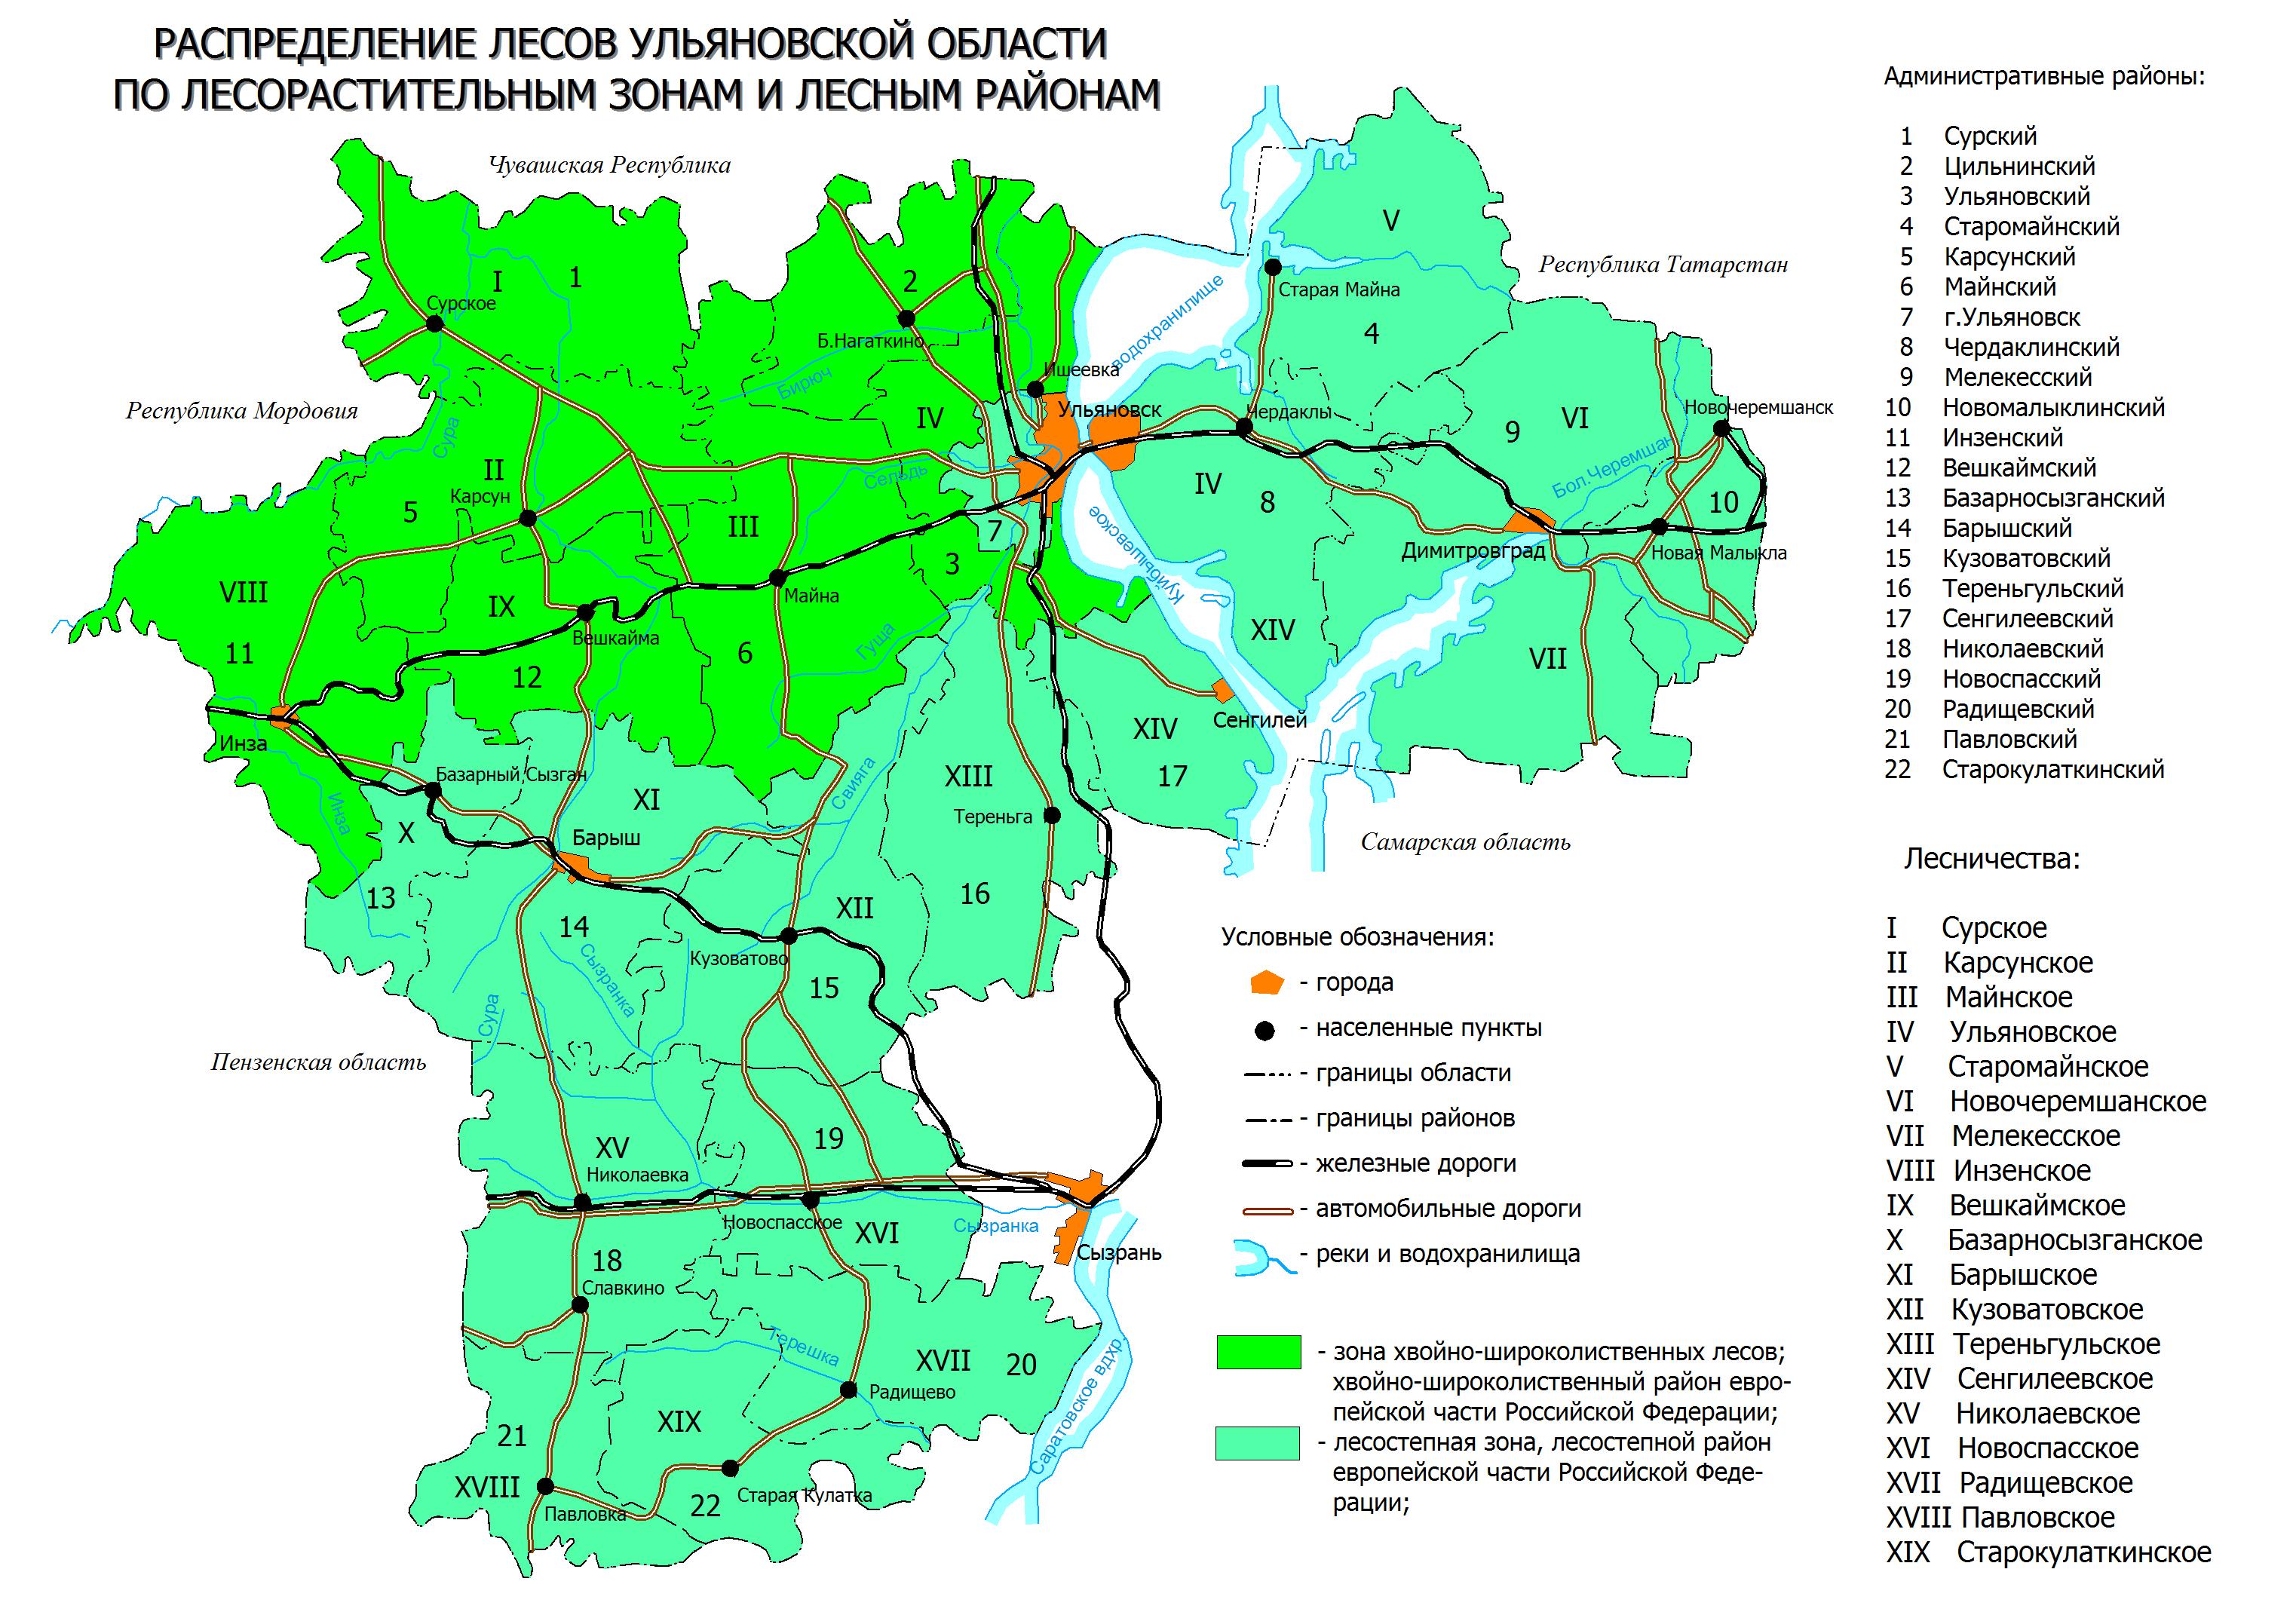 консультации лишению подробная карта ульяновской области Раскольникова